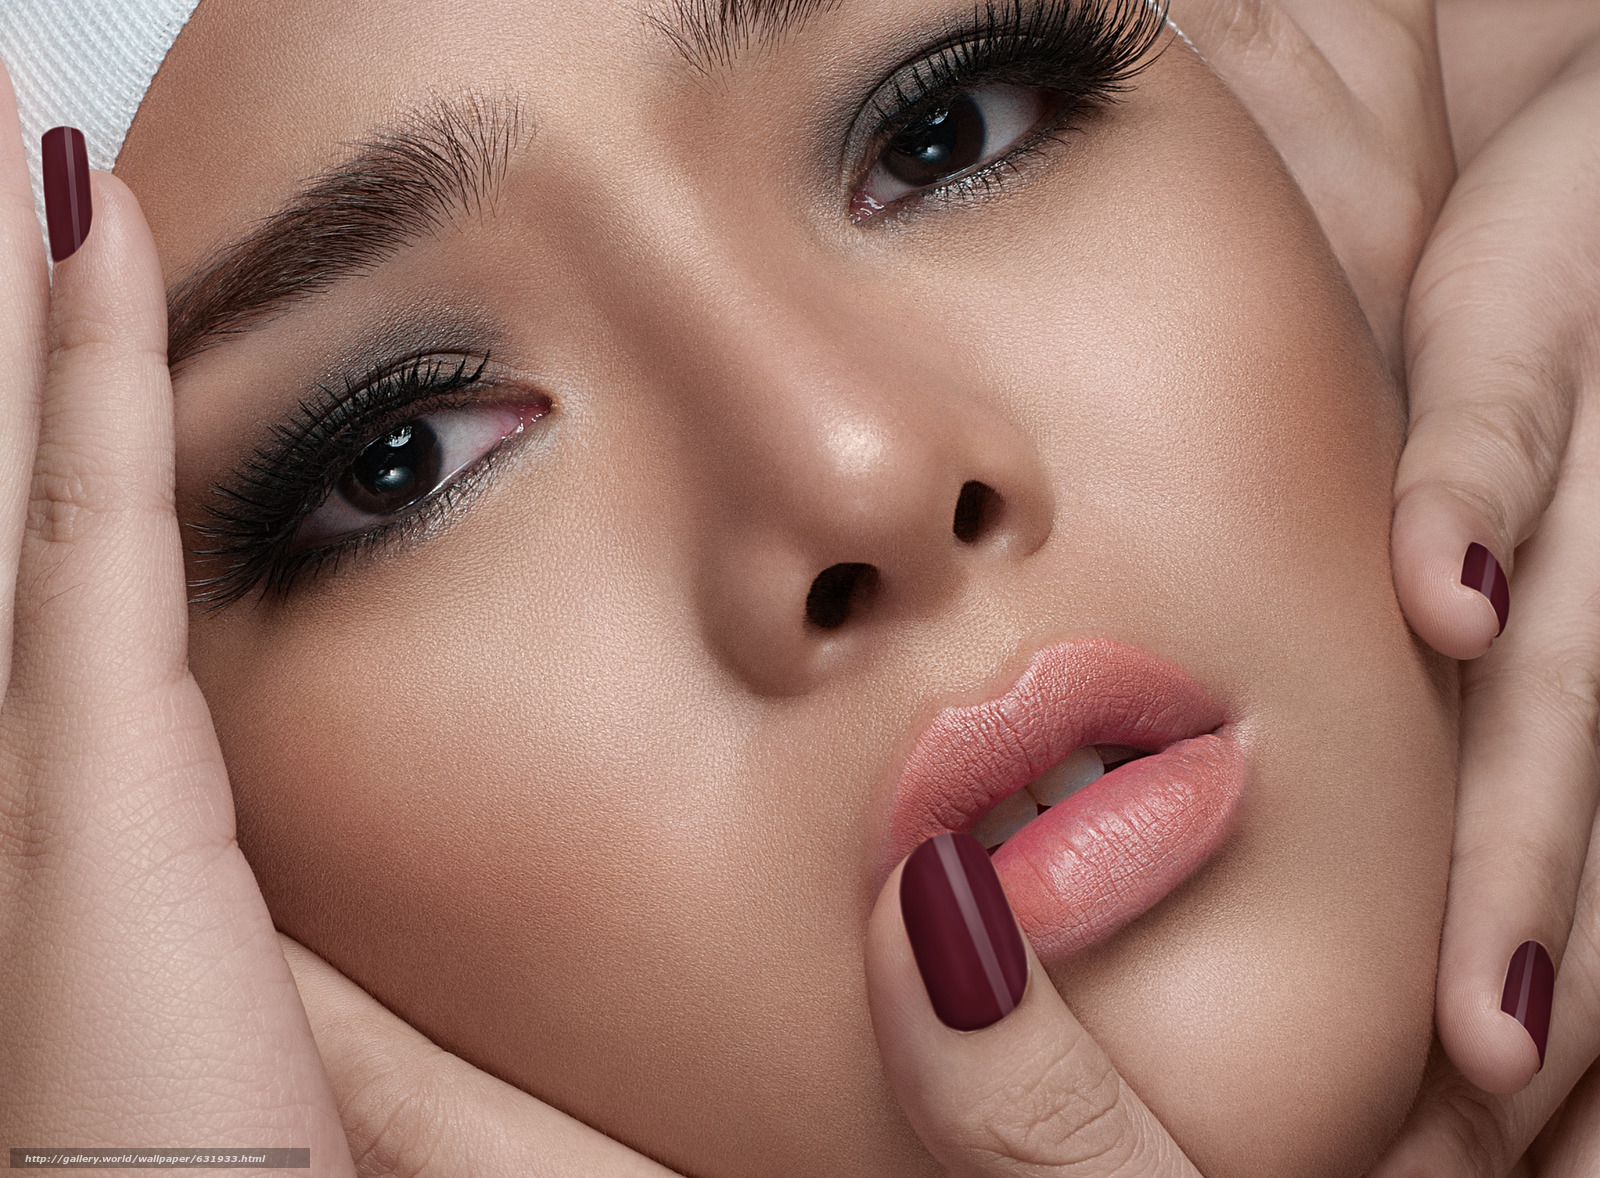 Скачать обои Ramonne Rodriguez,  лицо,  взгляд,  макияж бесплатно для рабочего стола в разрешении 2048x1508 — картинка №631933